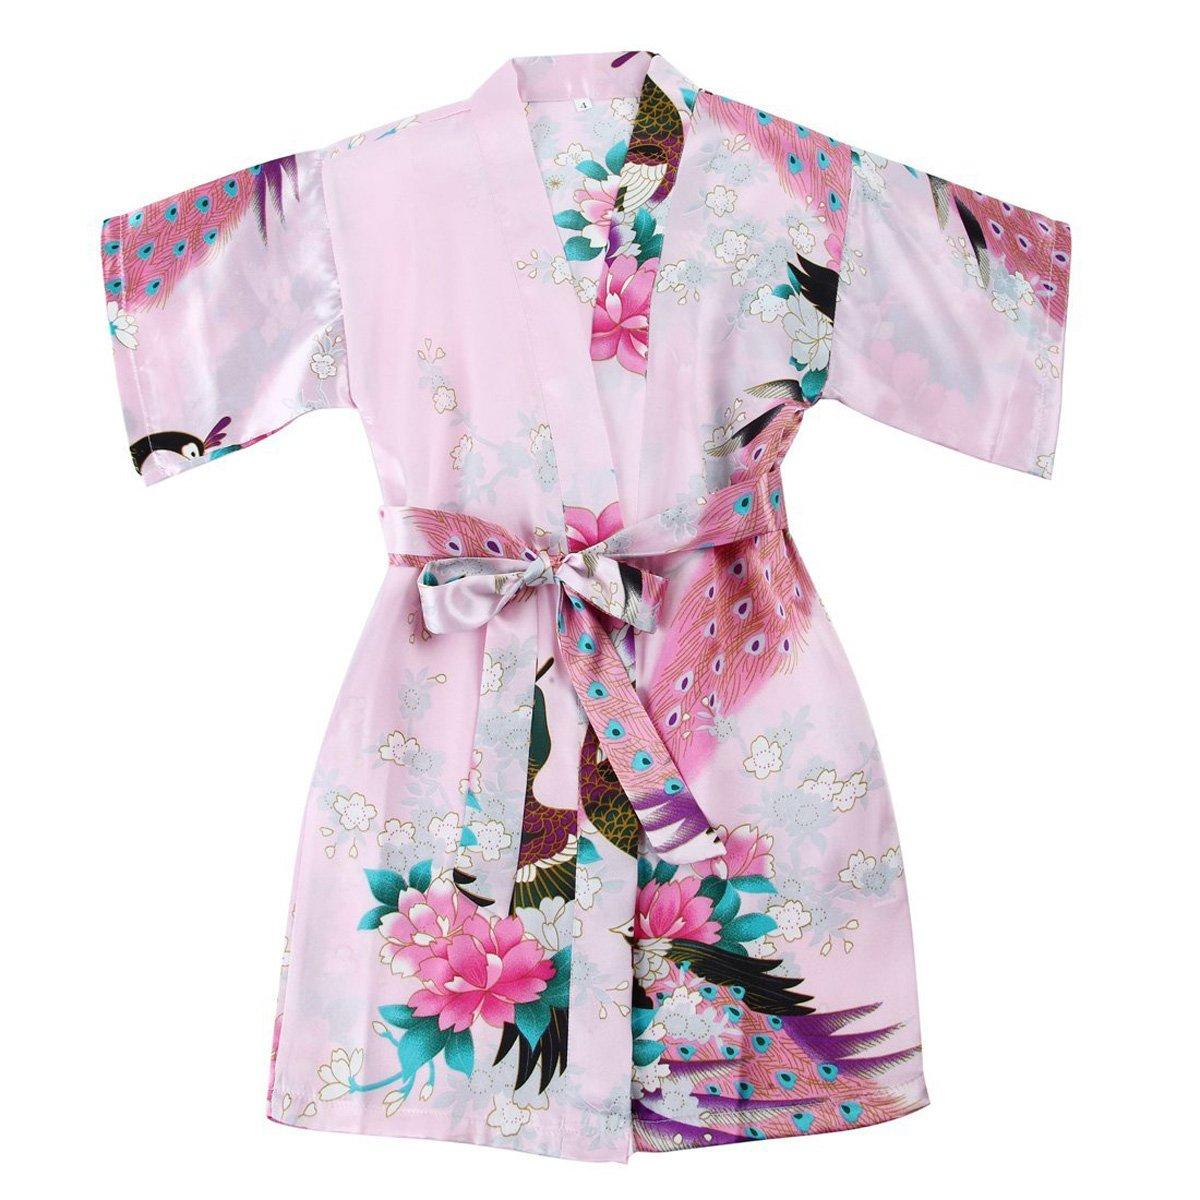 TOLLION Girls' Peacock Satin Kimono Robe Bathrobe Nightgown Wrap Sleepwear (4T, Pink)